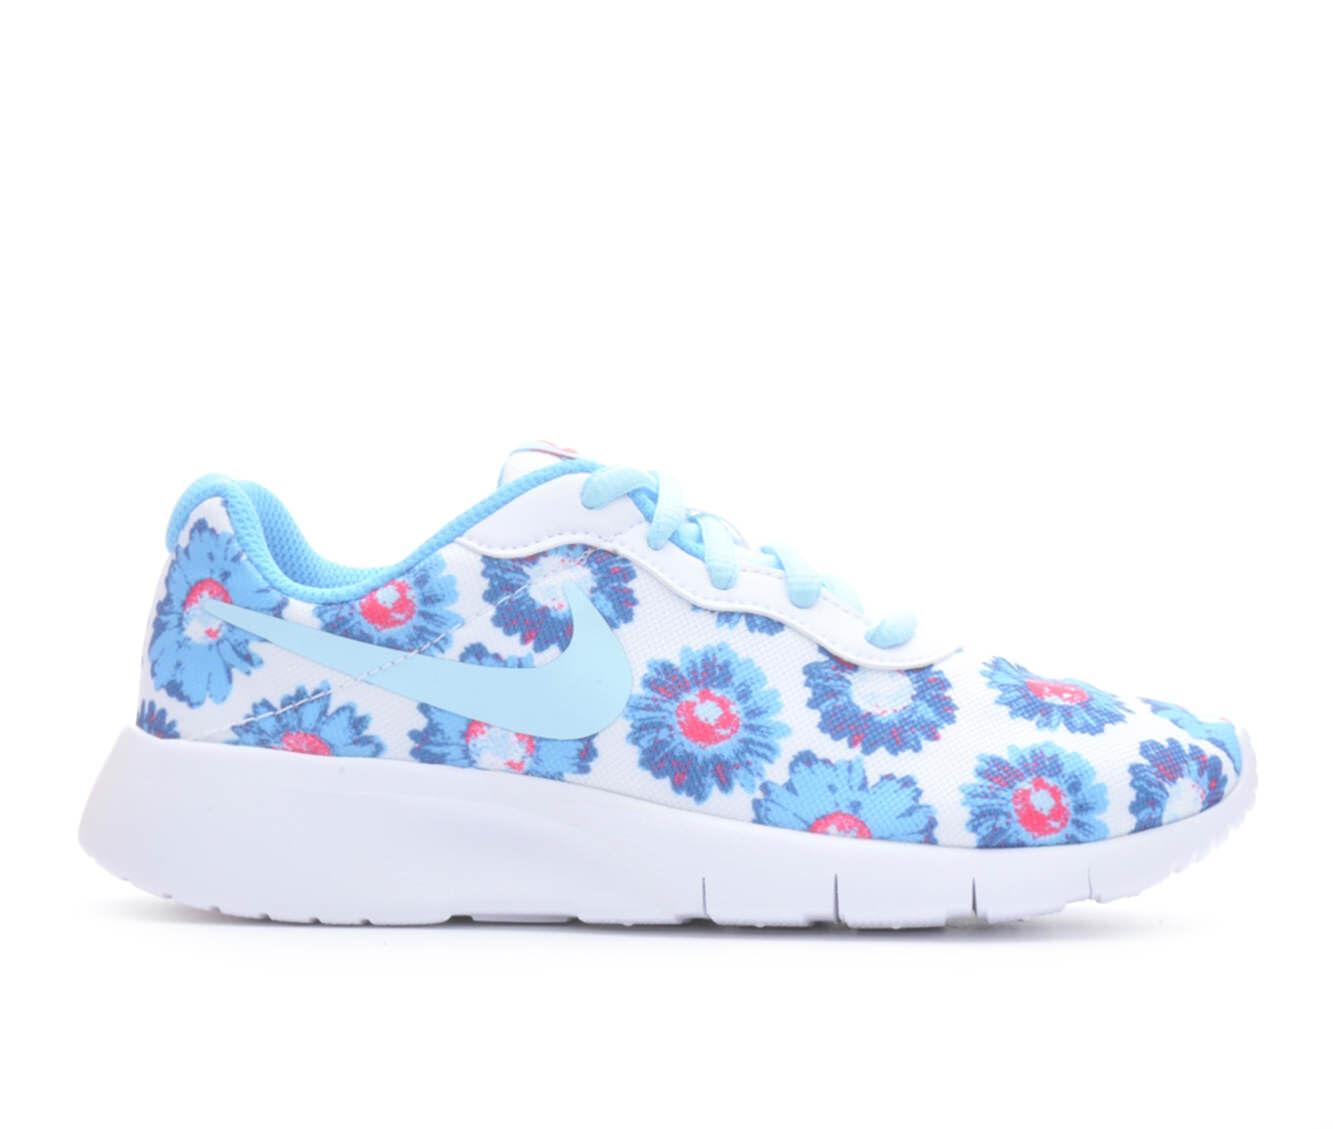 6347c1c446 ... sweden nike tanjun print 10.5 3 girls sneakers. previous 634df 3012b